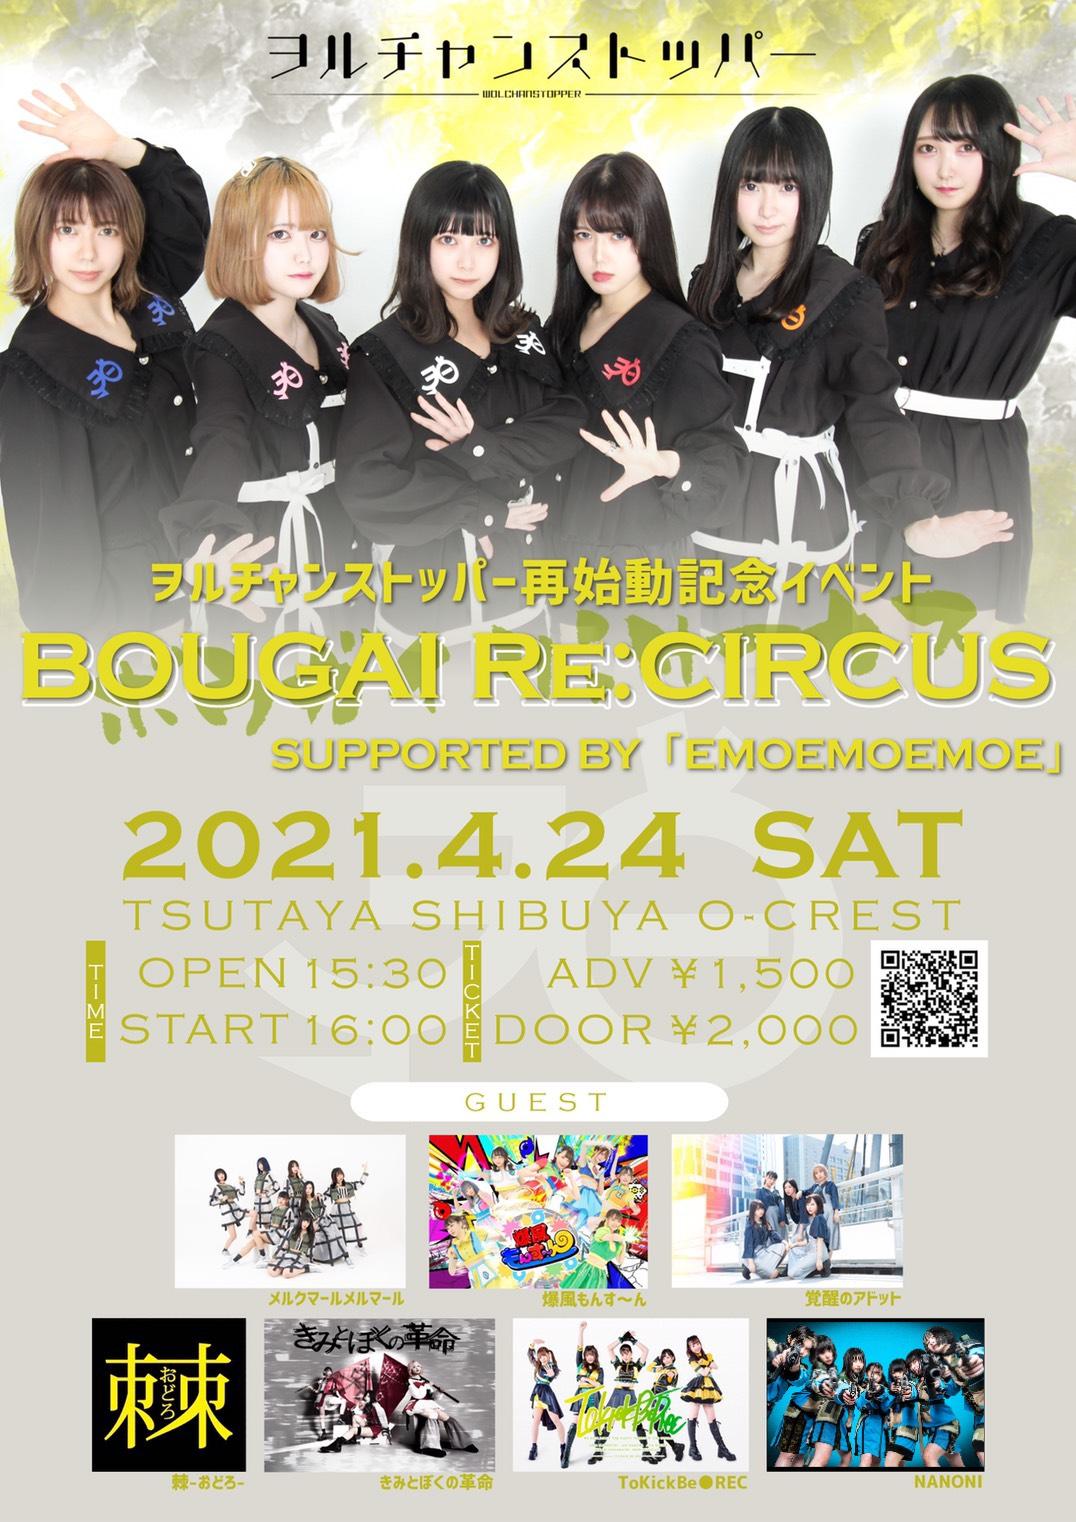 ヲルチャンストッパー再始動記念イベント『BOUGAI Re:CIRCUS』SUPPORTED BY  『emoemoemoe』